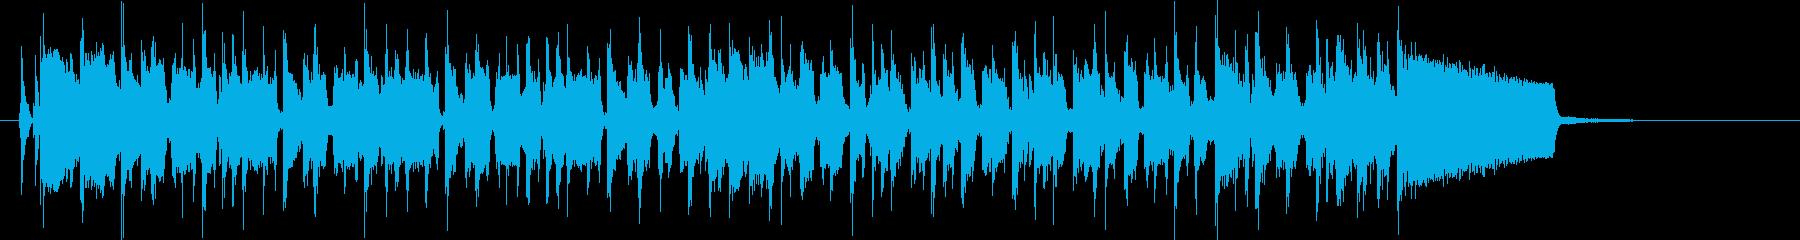 疾走感ある超絶技巧スラップ(Short)の再生済みの波形